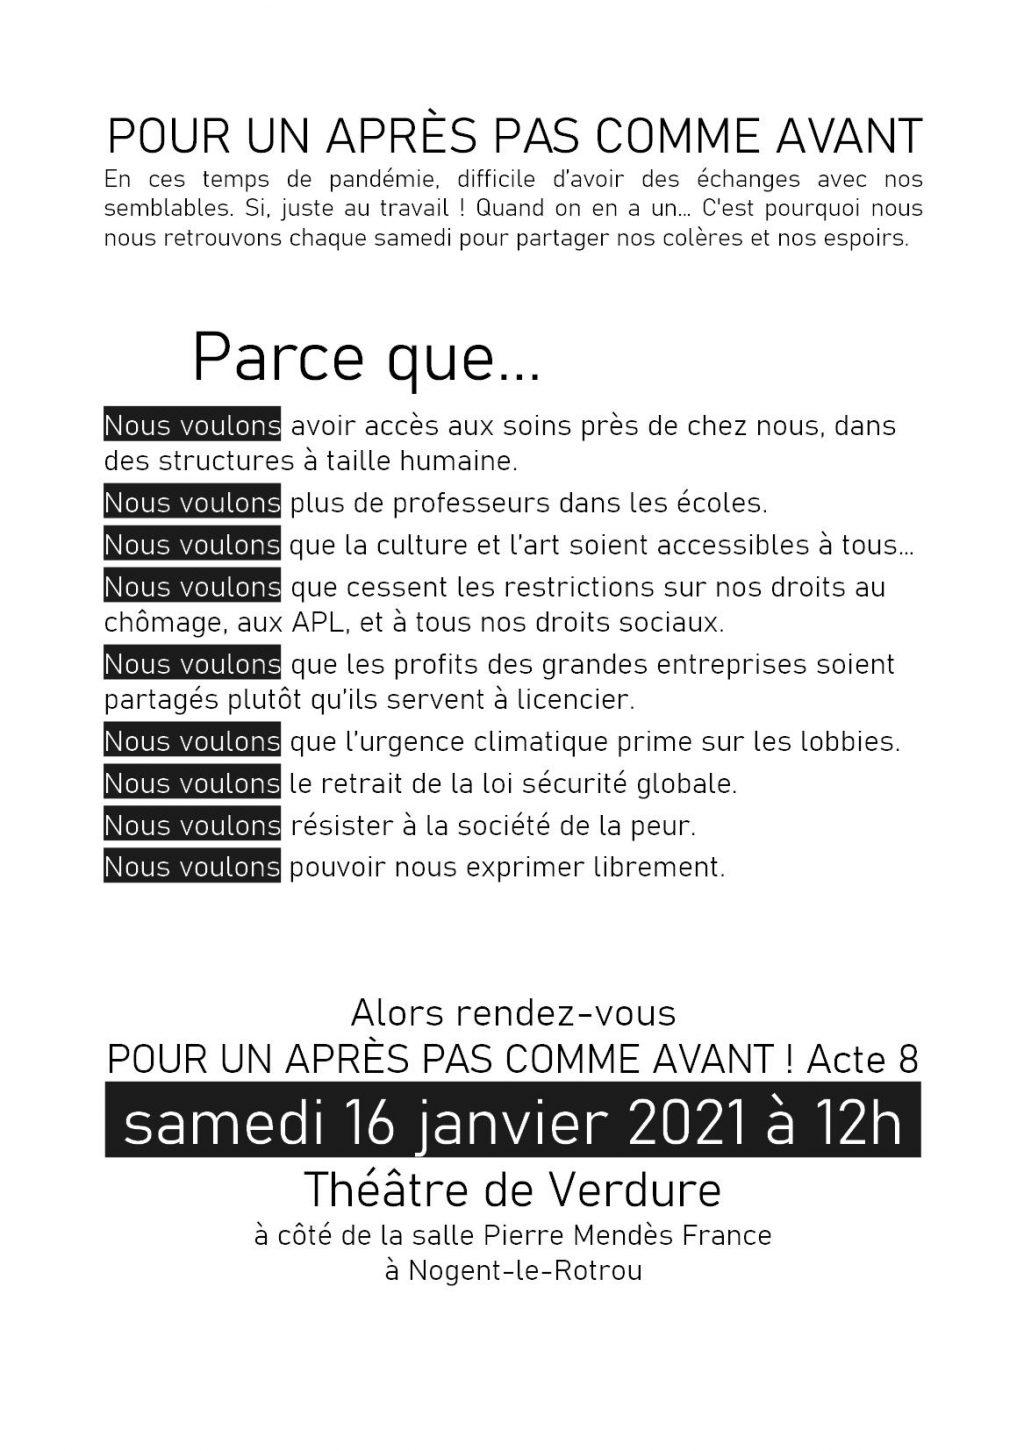 Tract Sujet Pour un Après pas comme Avant Nogent Acte 8 [16-01-2021] R 1 A5.pdf